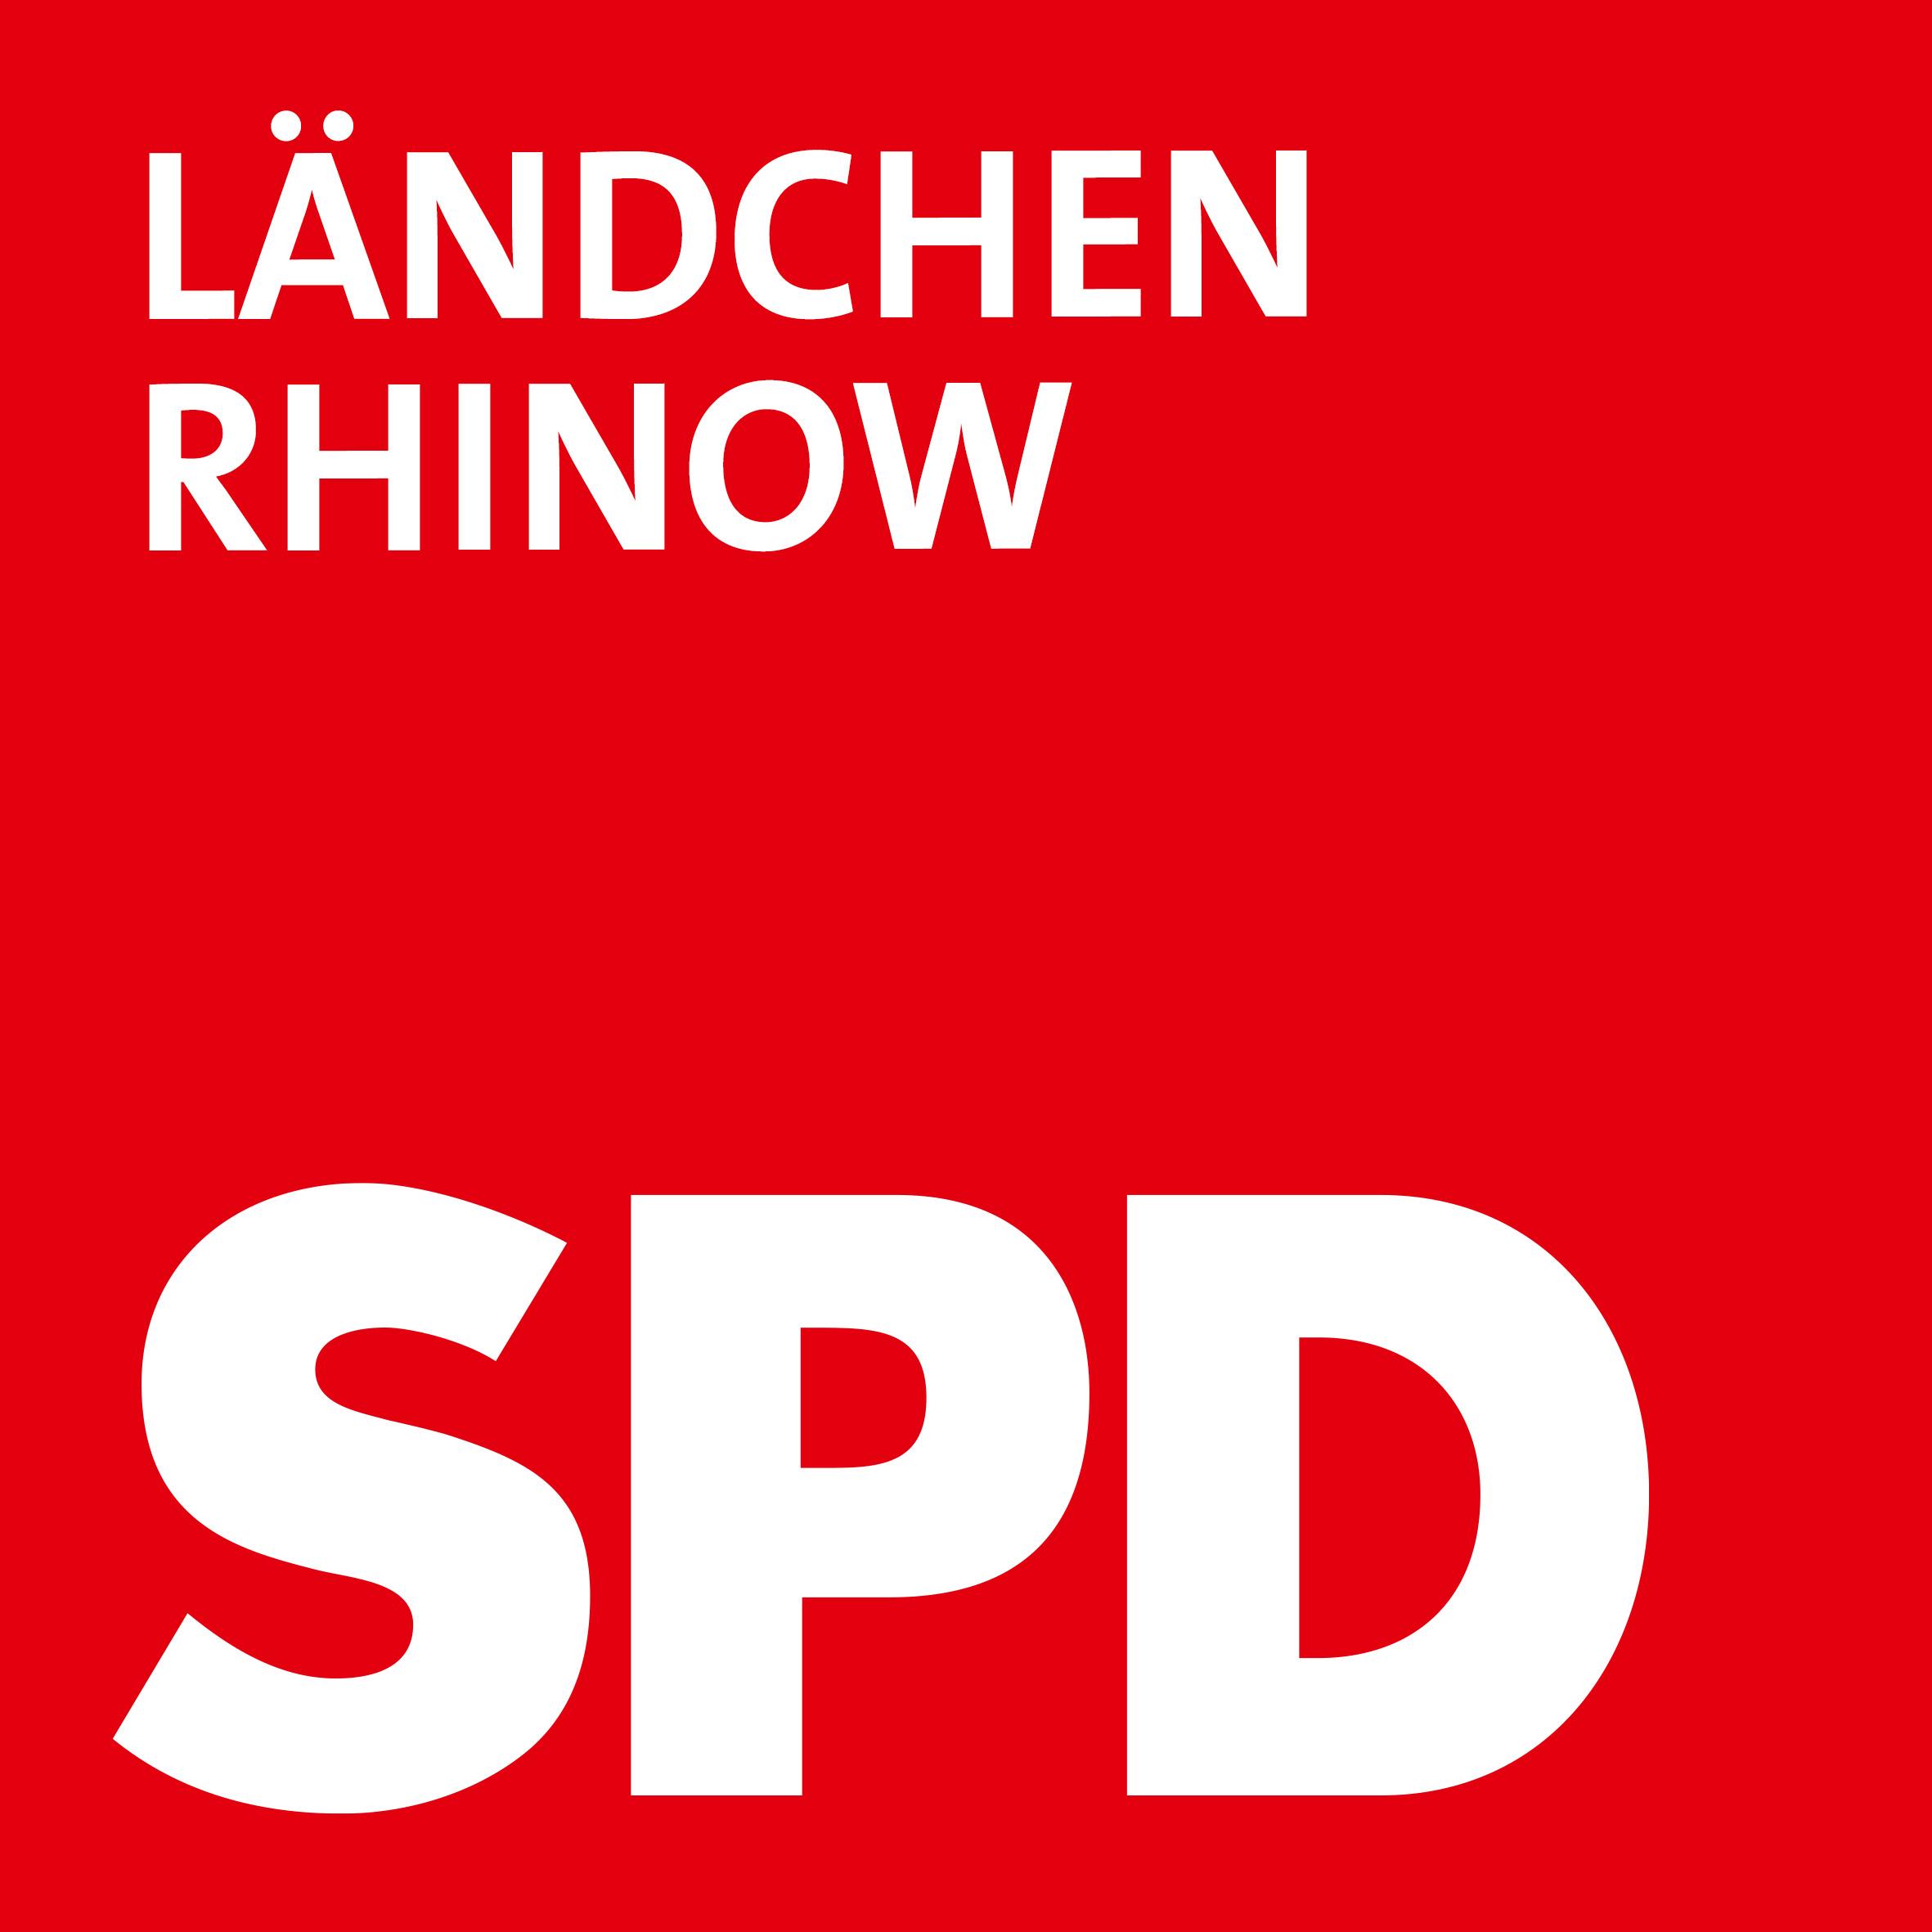 SPD Ländchen Rhinow